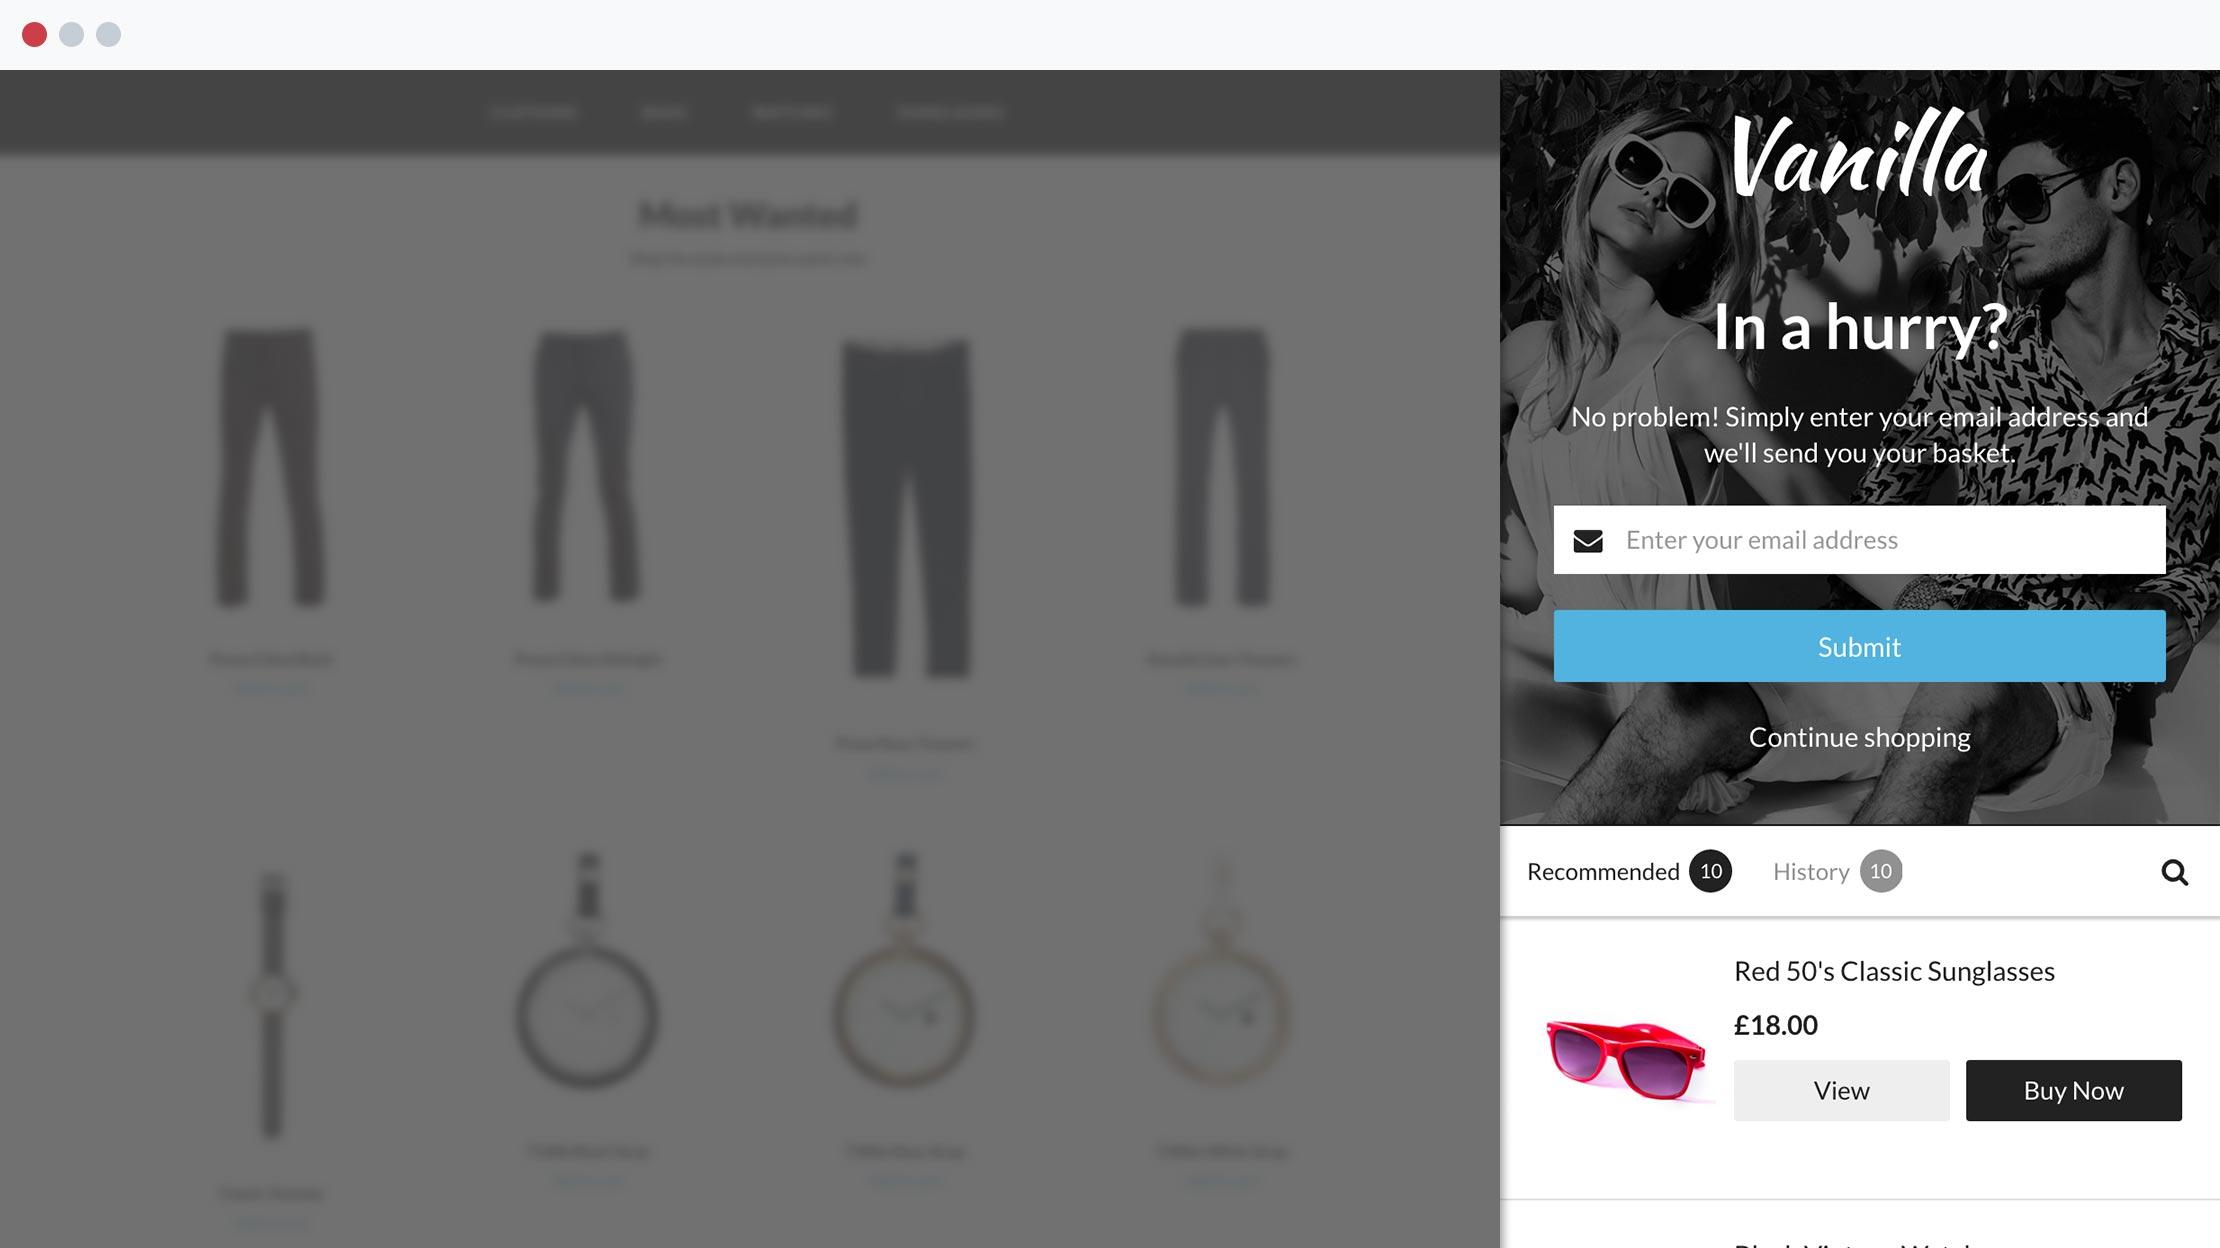 Website personalisation techniques